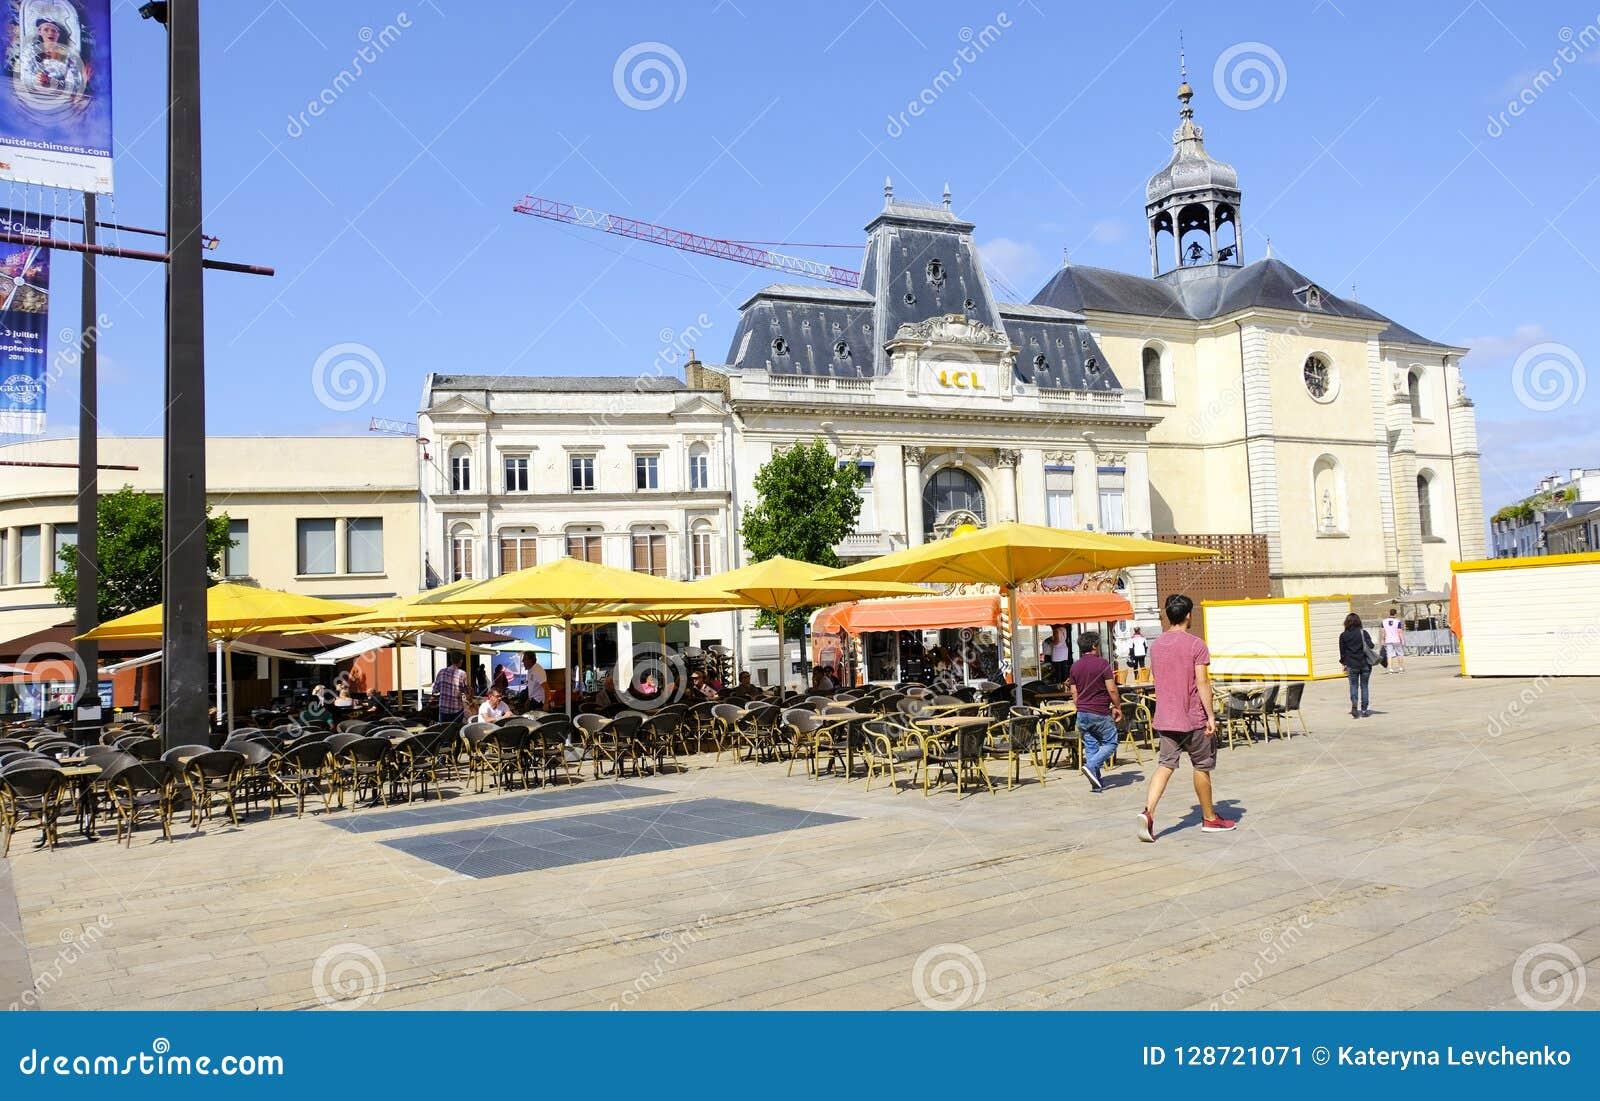 LE MANS, FRANKRIJK - Augustus 18, 2018: Oude straat en restaurants in stadscentrum van Le Mans frankrijk